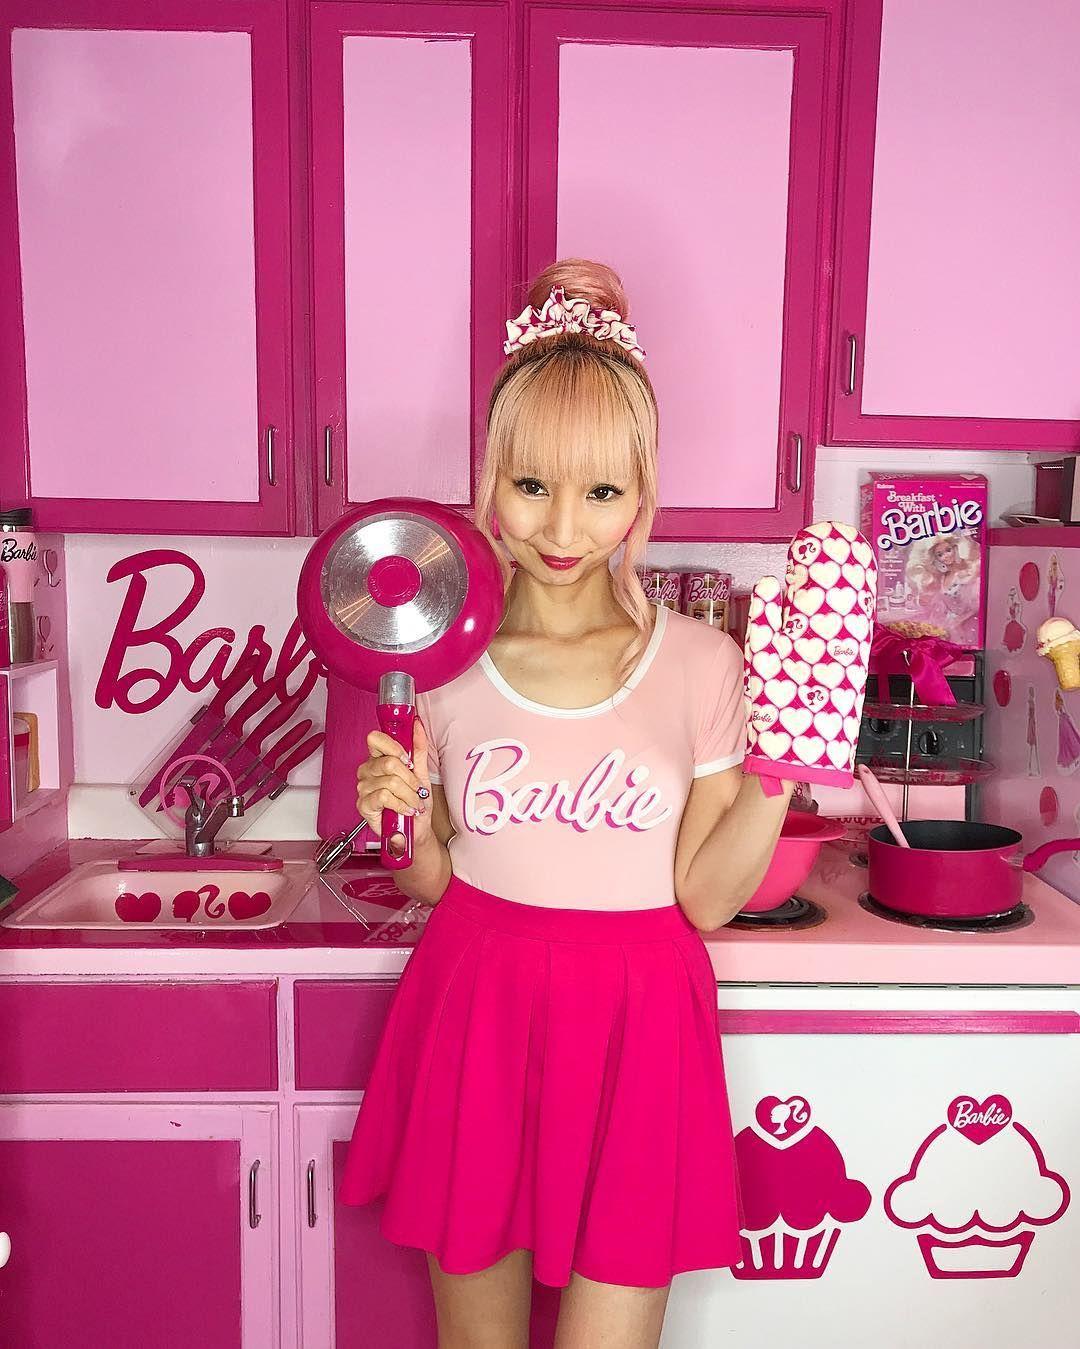 Bukan Halu Ini Foto Isi Rumah Barbie Senilai Rp1 Miliar Ladiestory Id